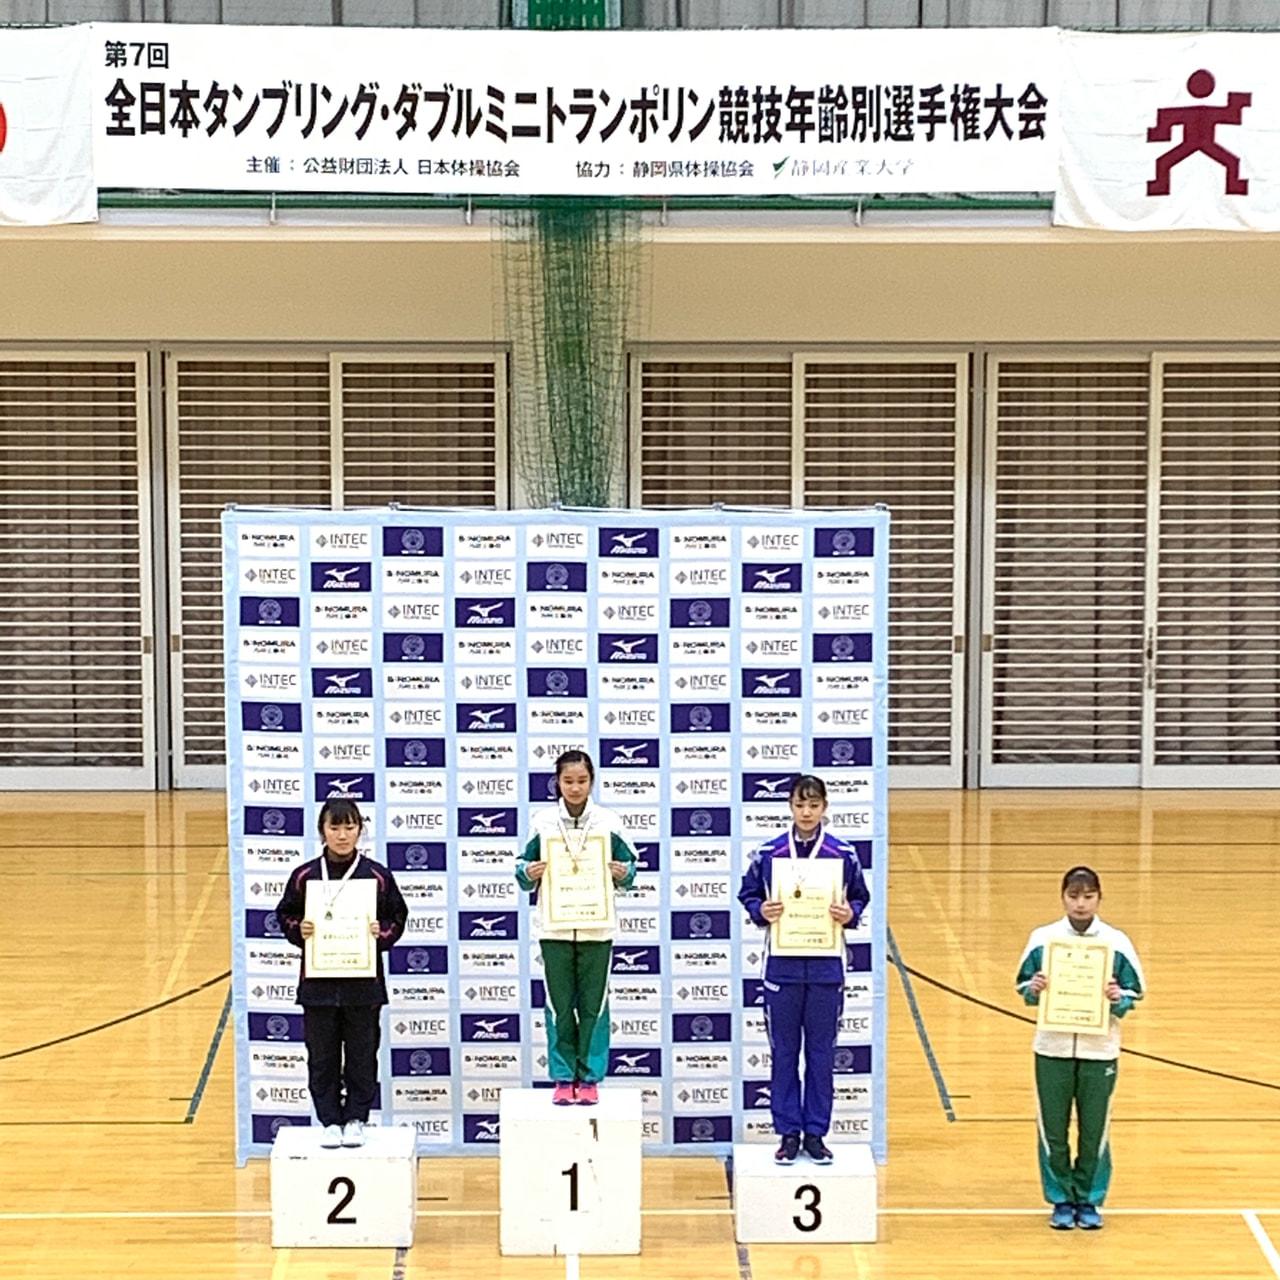 第7回全日本タンブリング・ダブルミニトランポリン競技年齢別選手権大会